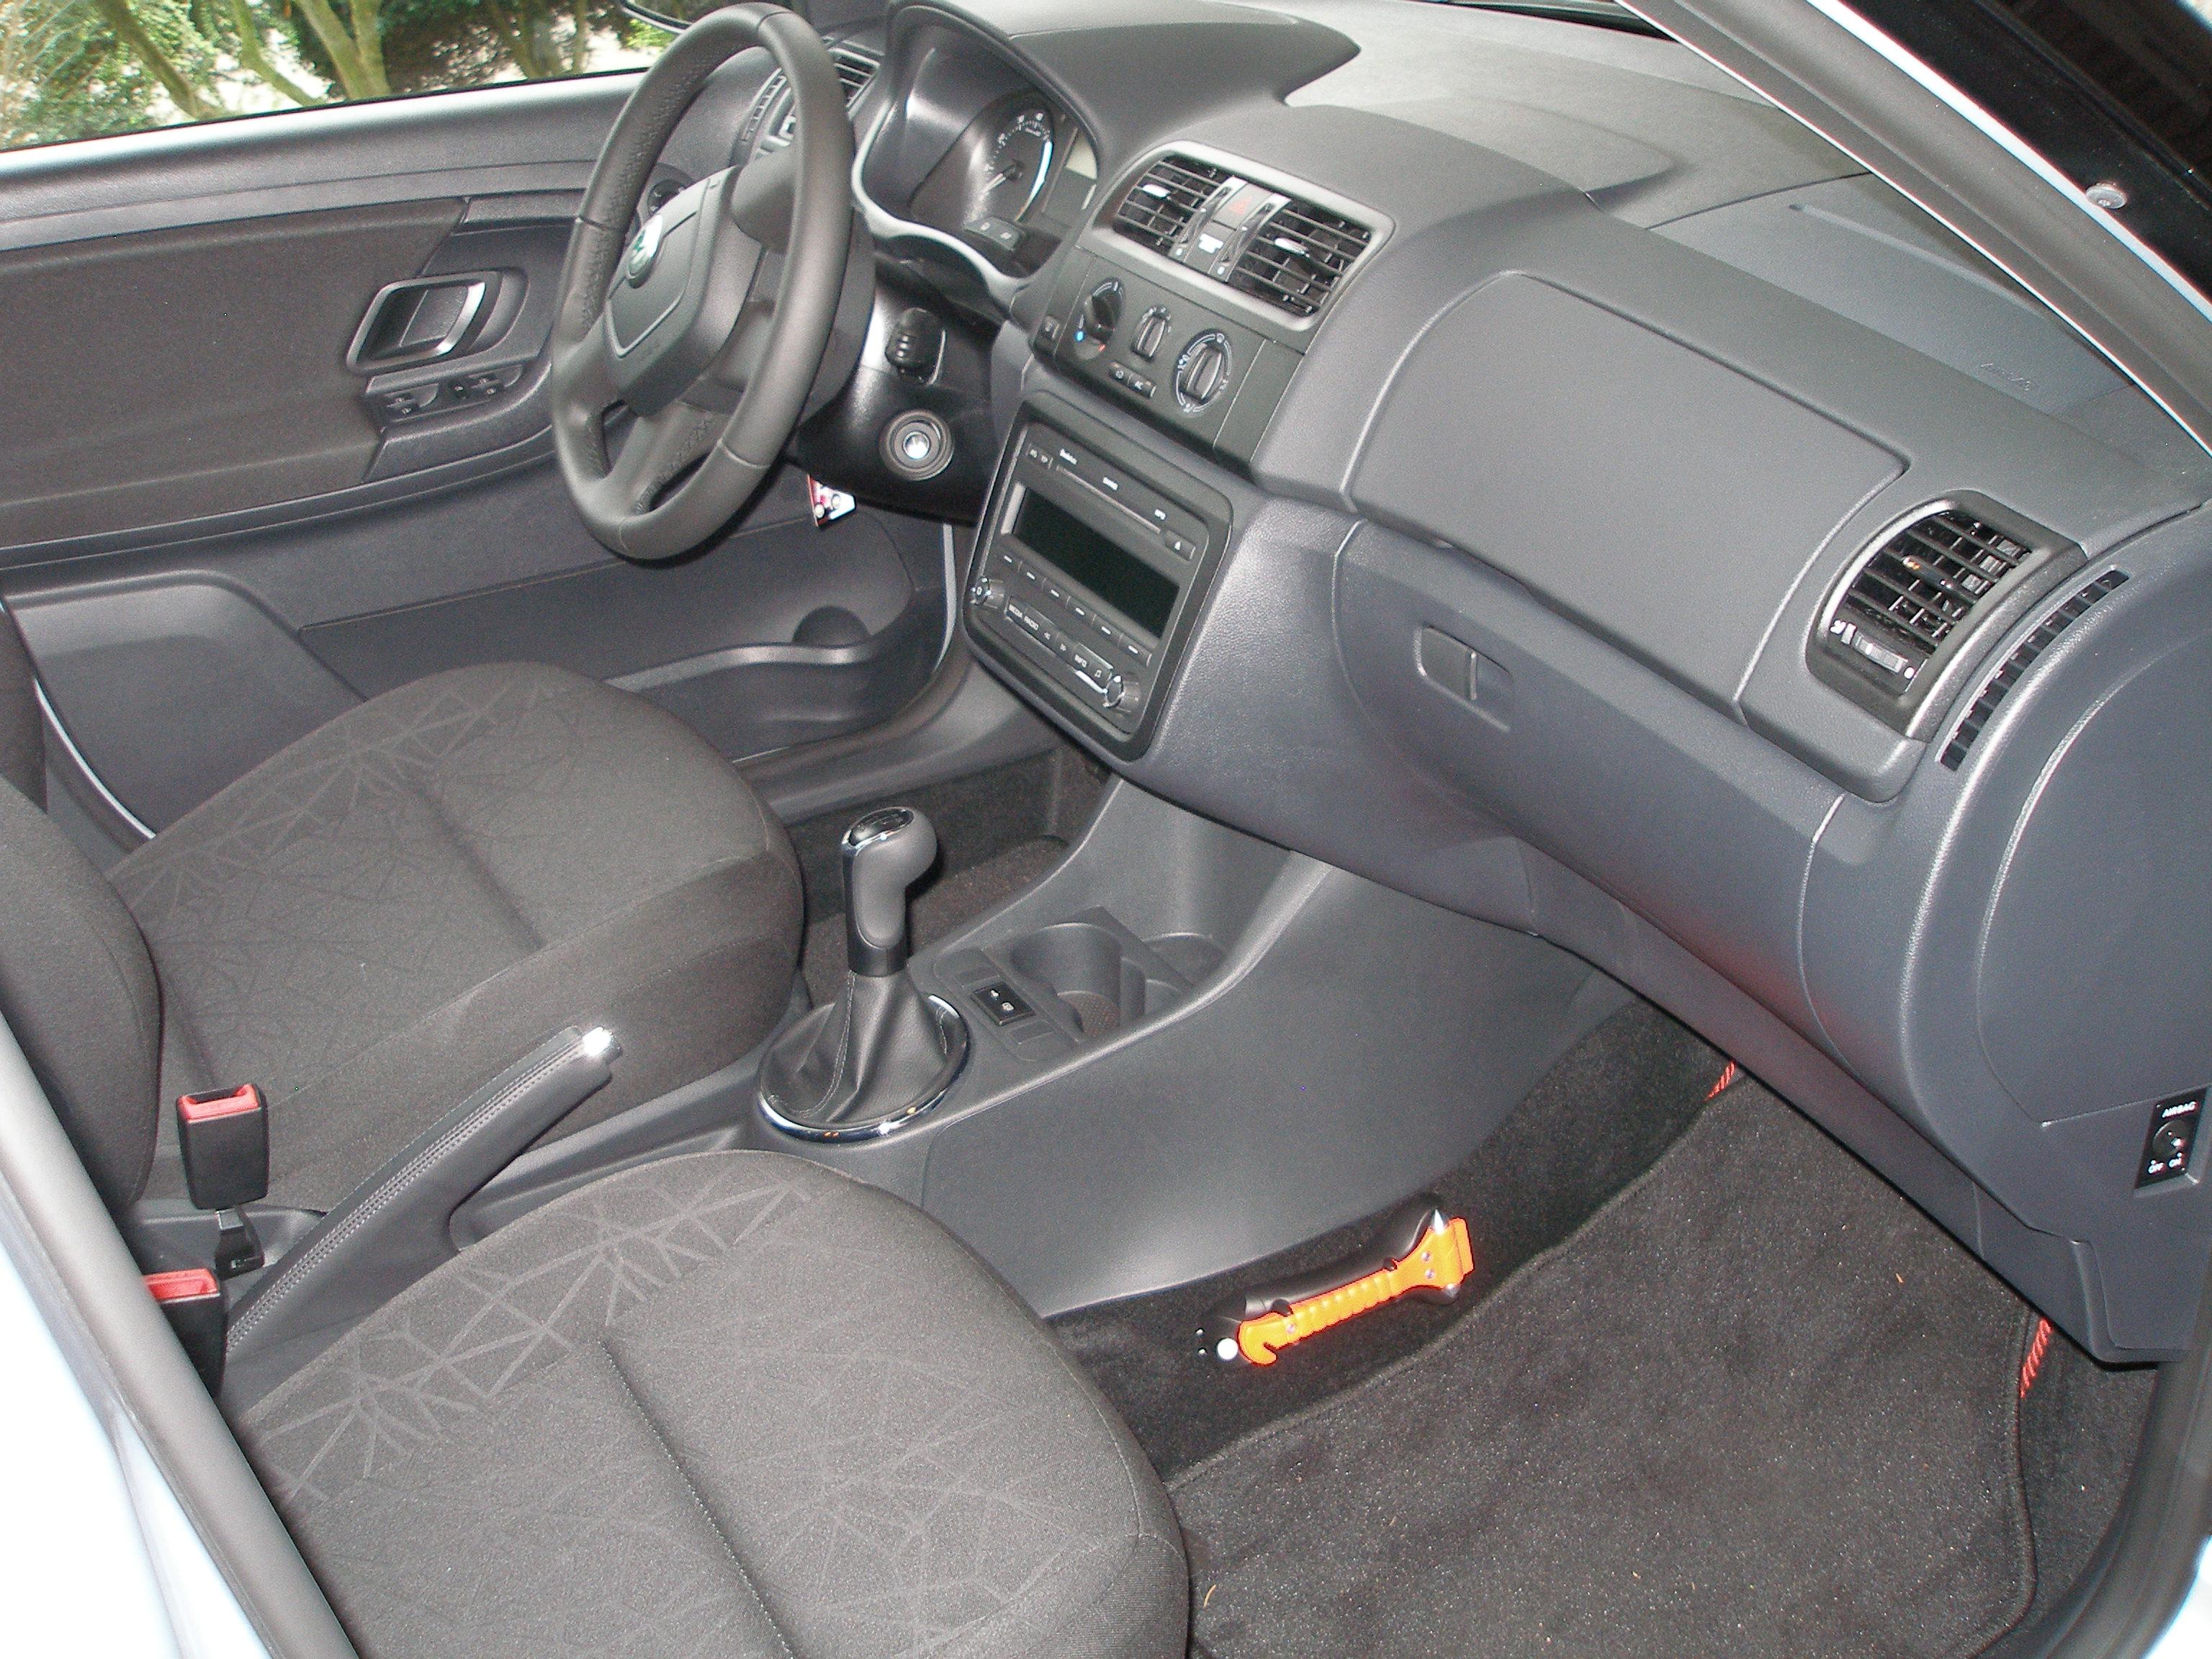 Images skoda fabia interior 2010 specs price release - Skoda fabia interior ...